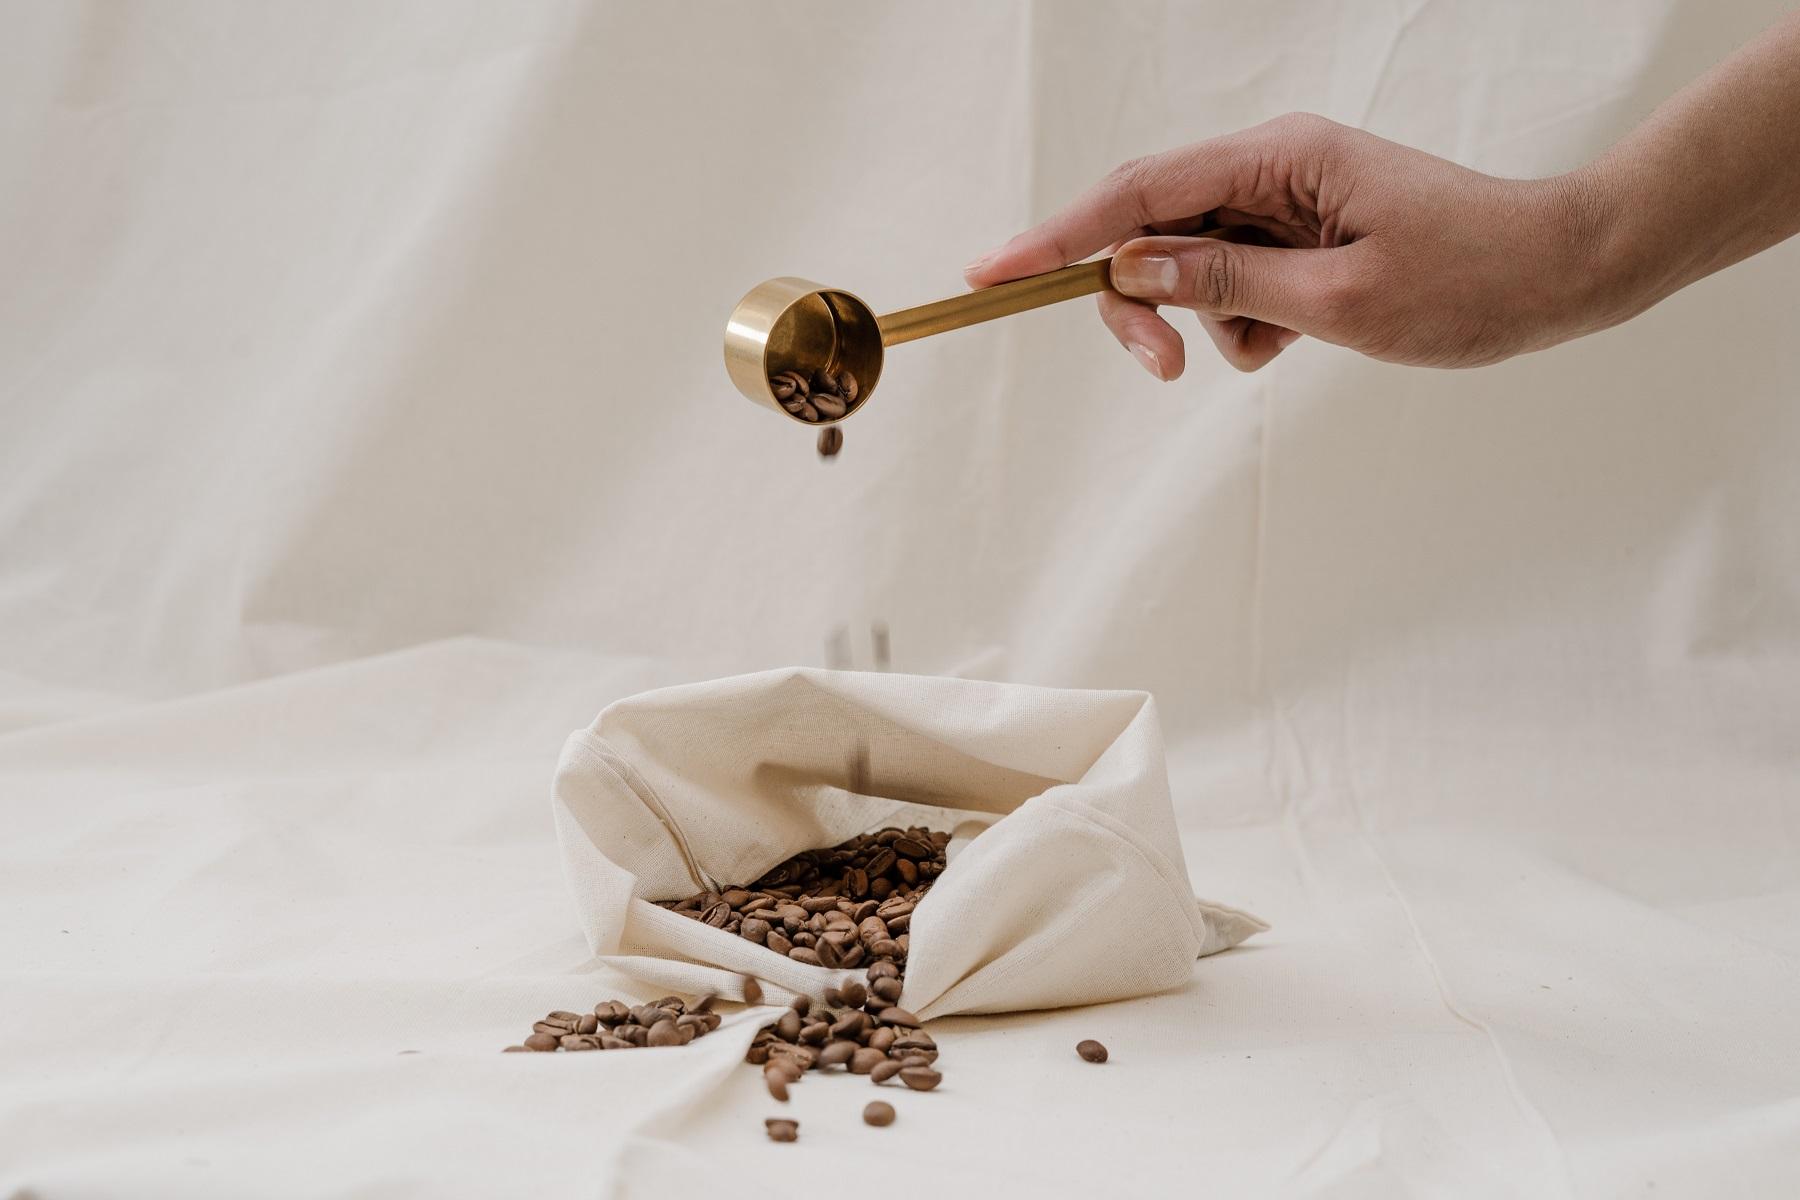 I riutilizzi responsabili dei fondi del caffè